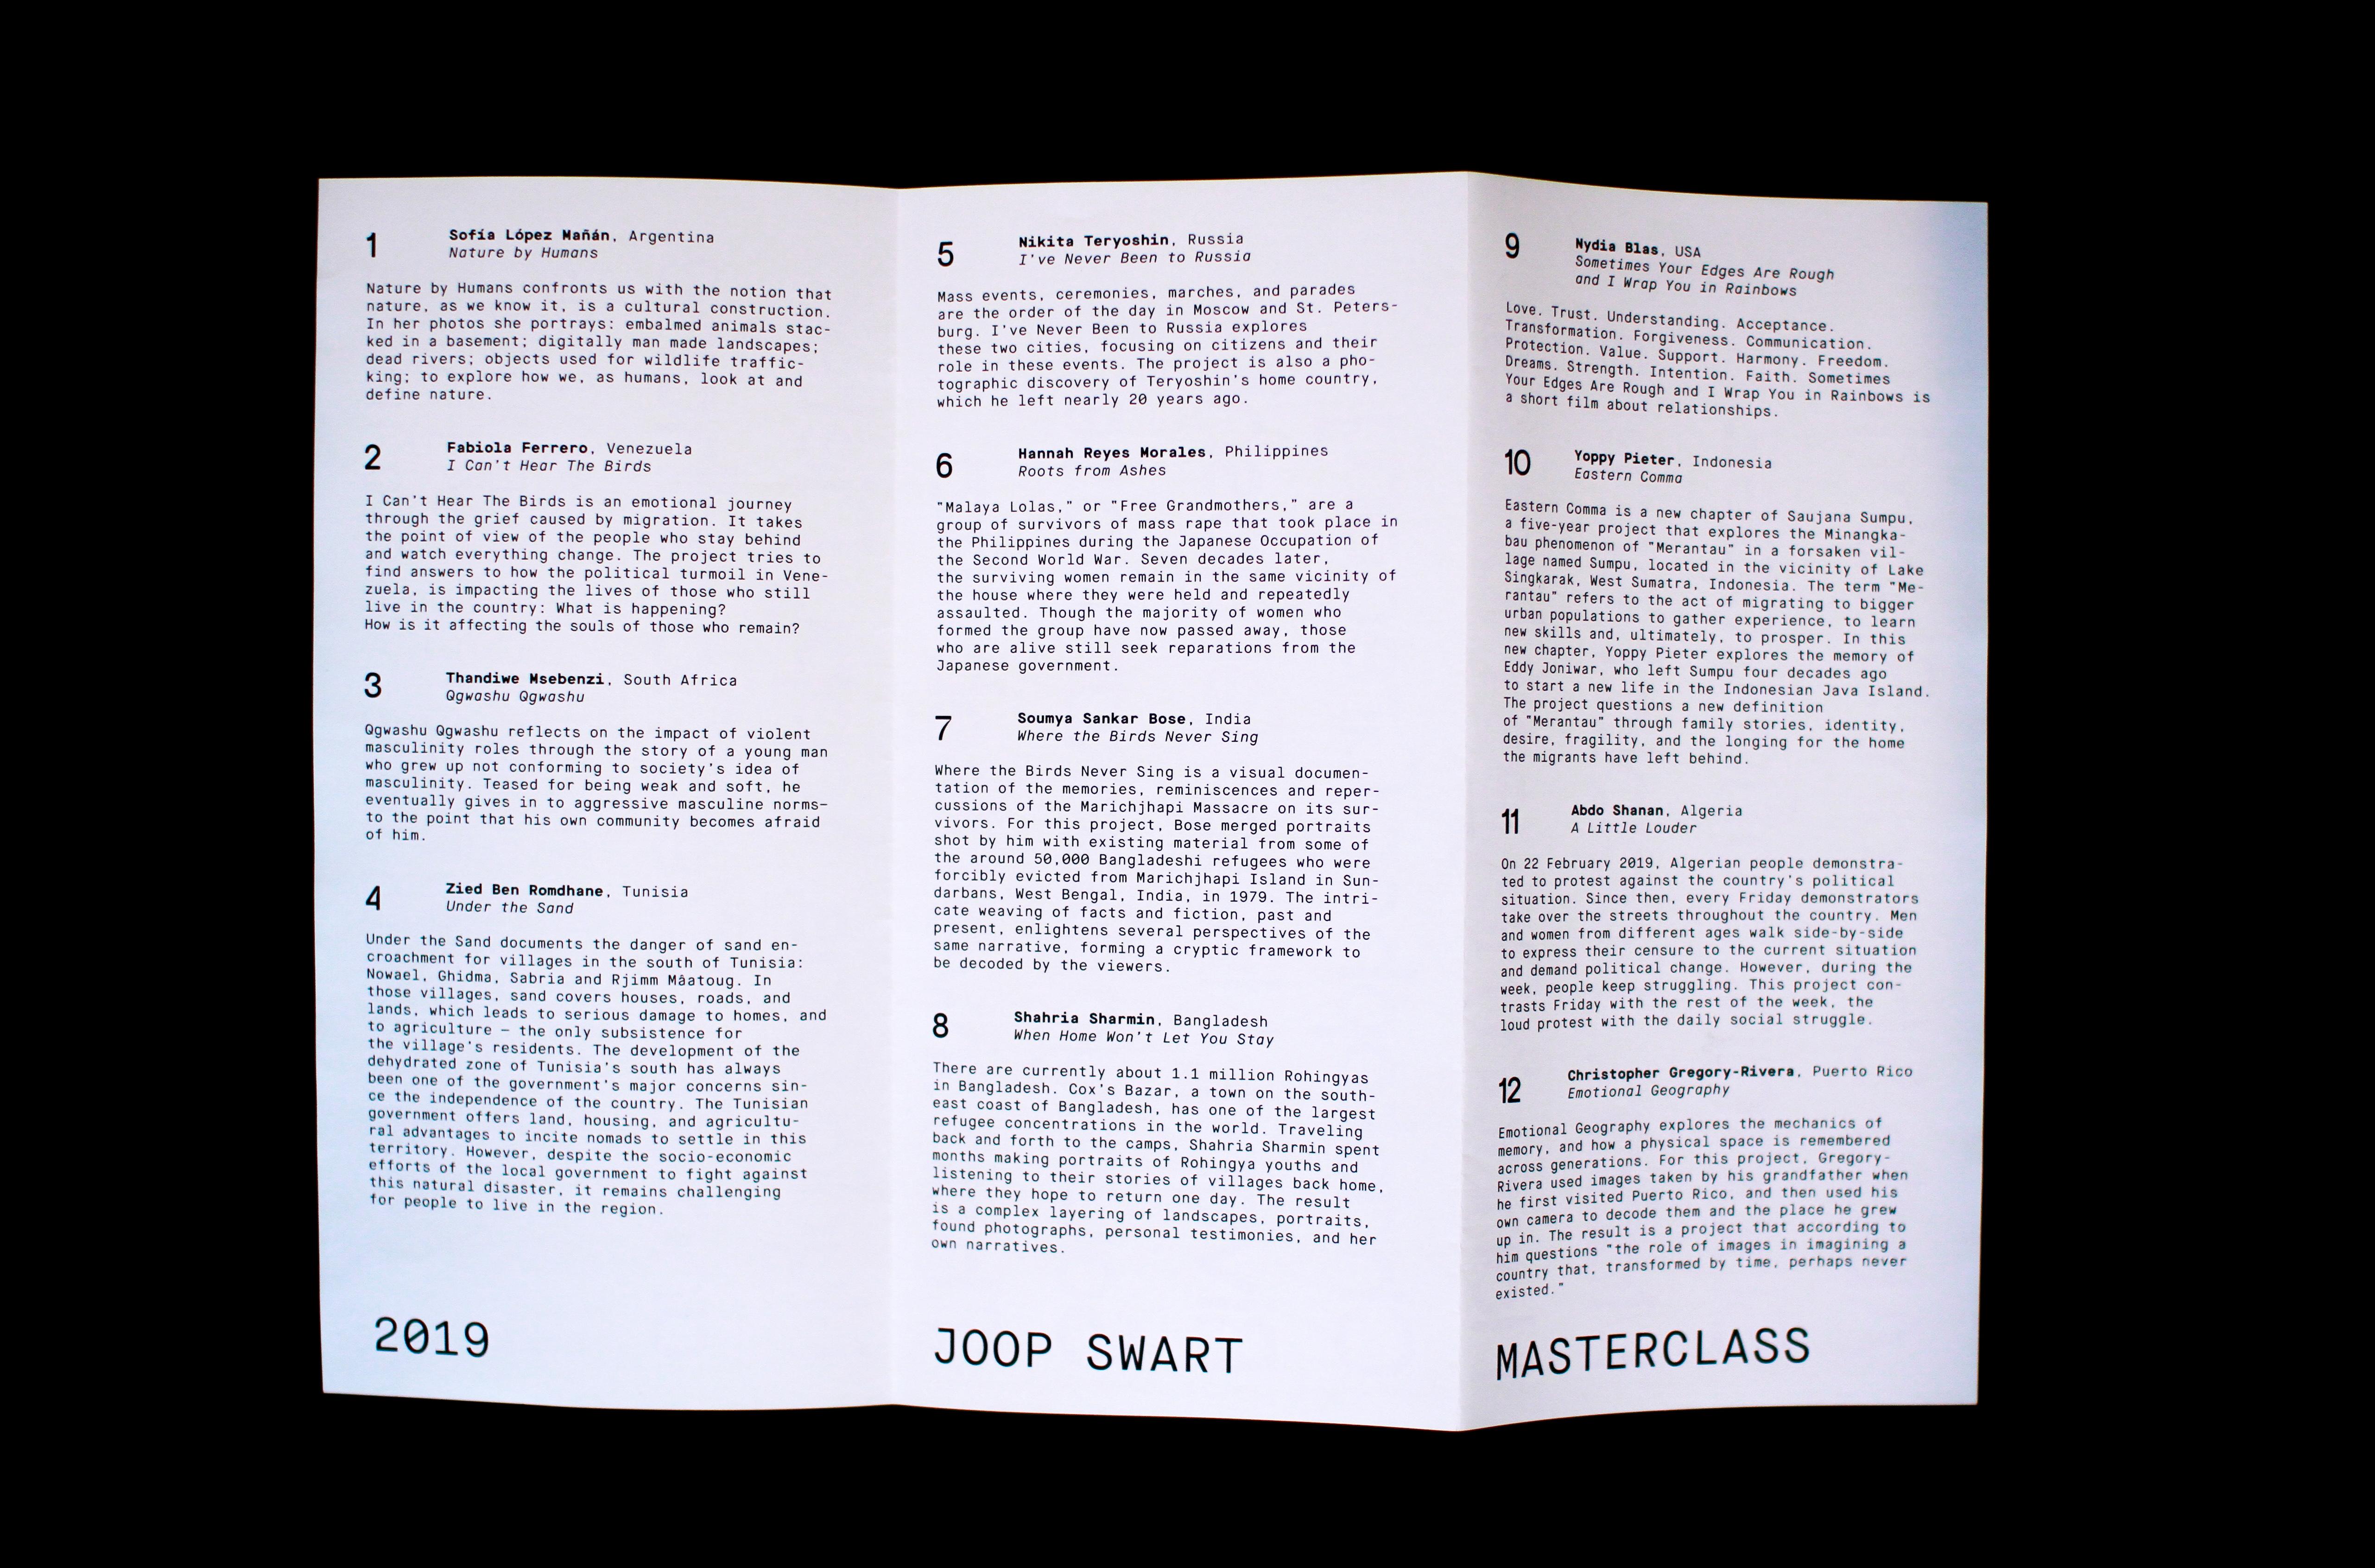 STUDIO JORD NOORBEEK Identiteit – World Press Photo expo – Joop Swart masterclass